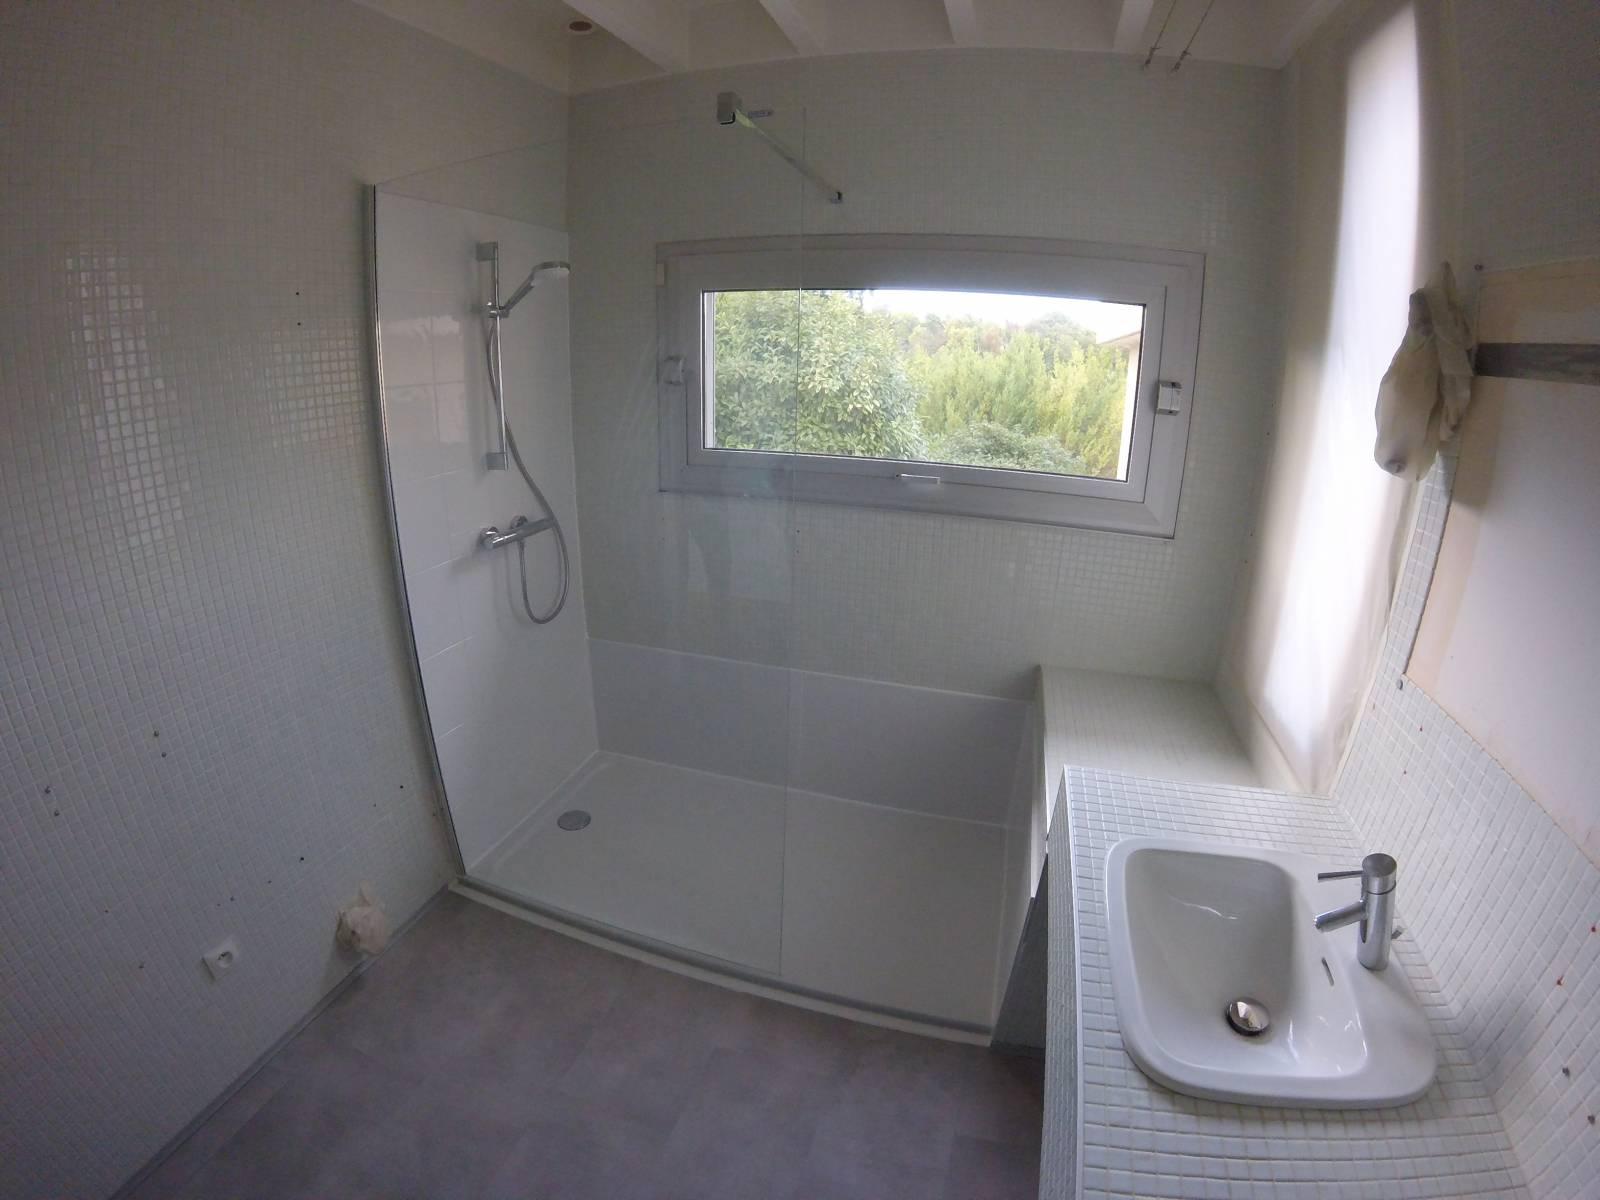 remplacement d 39 une baignoire par une douche s curis e pour s nior dans la r gion de valence. Black Bedroom Furniture Sets. Home Design Ideas